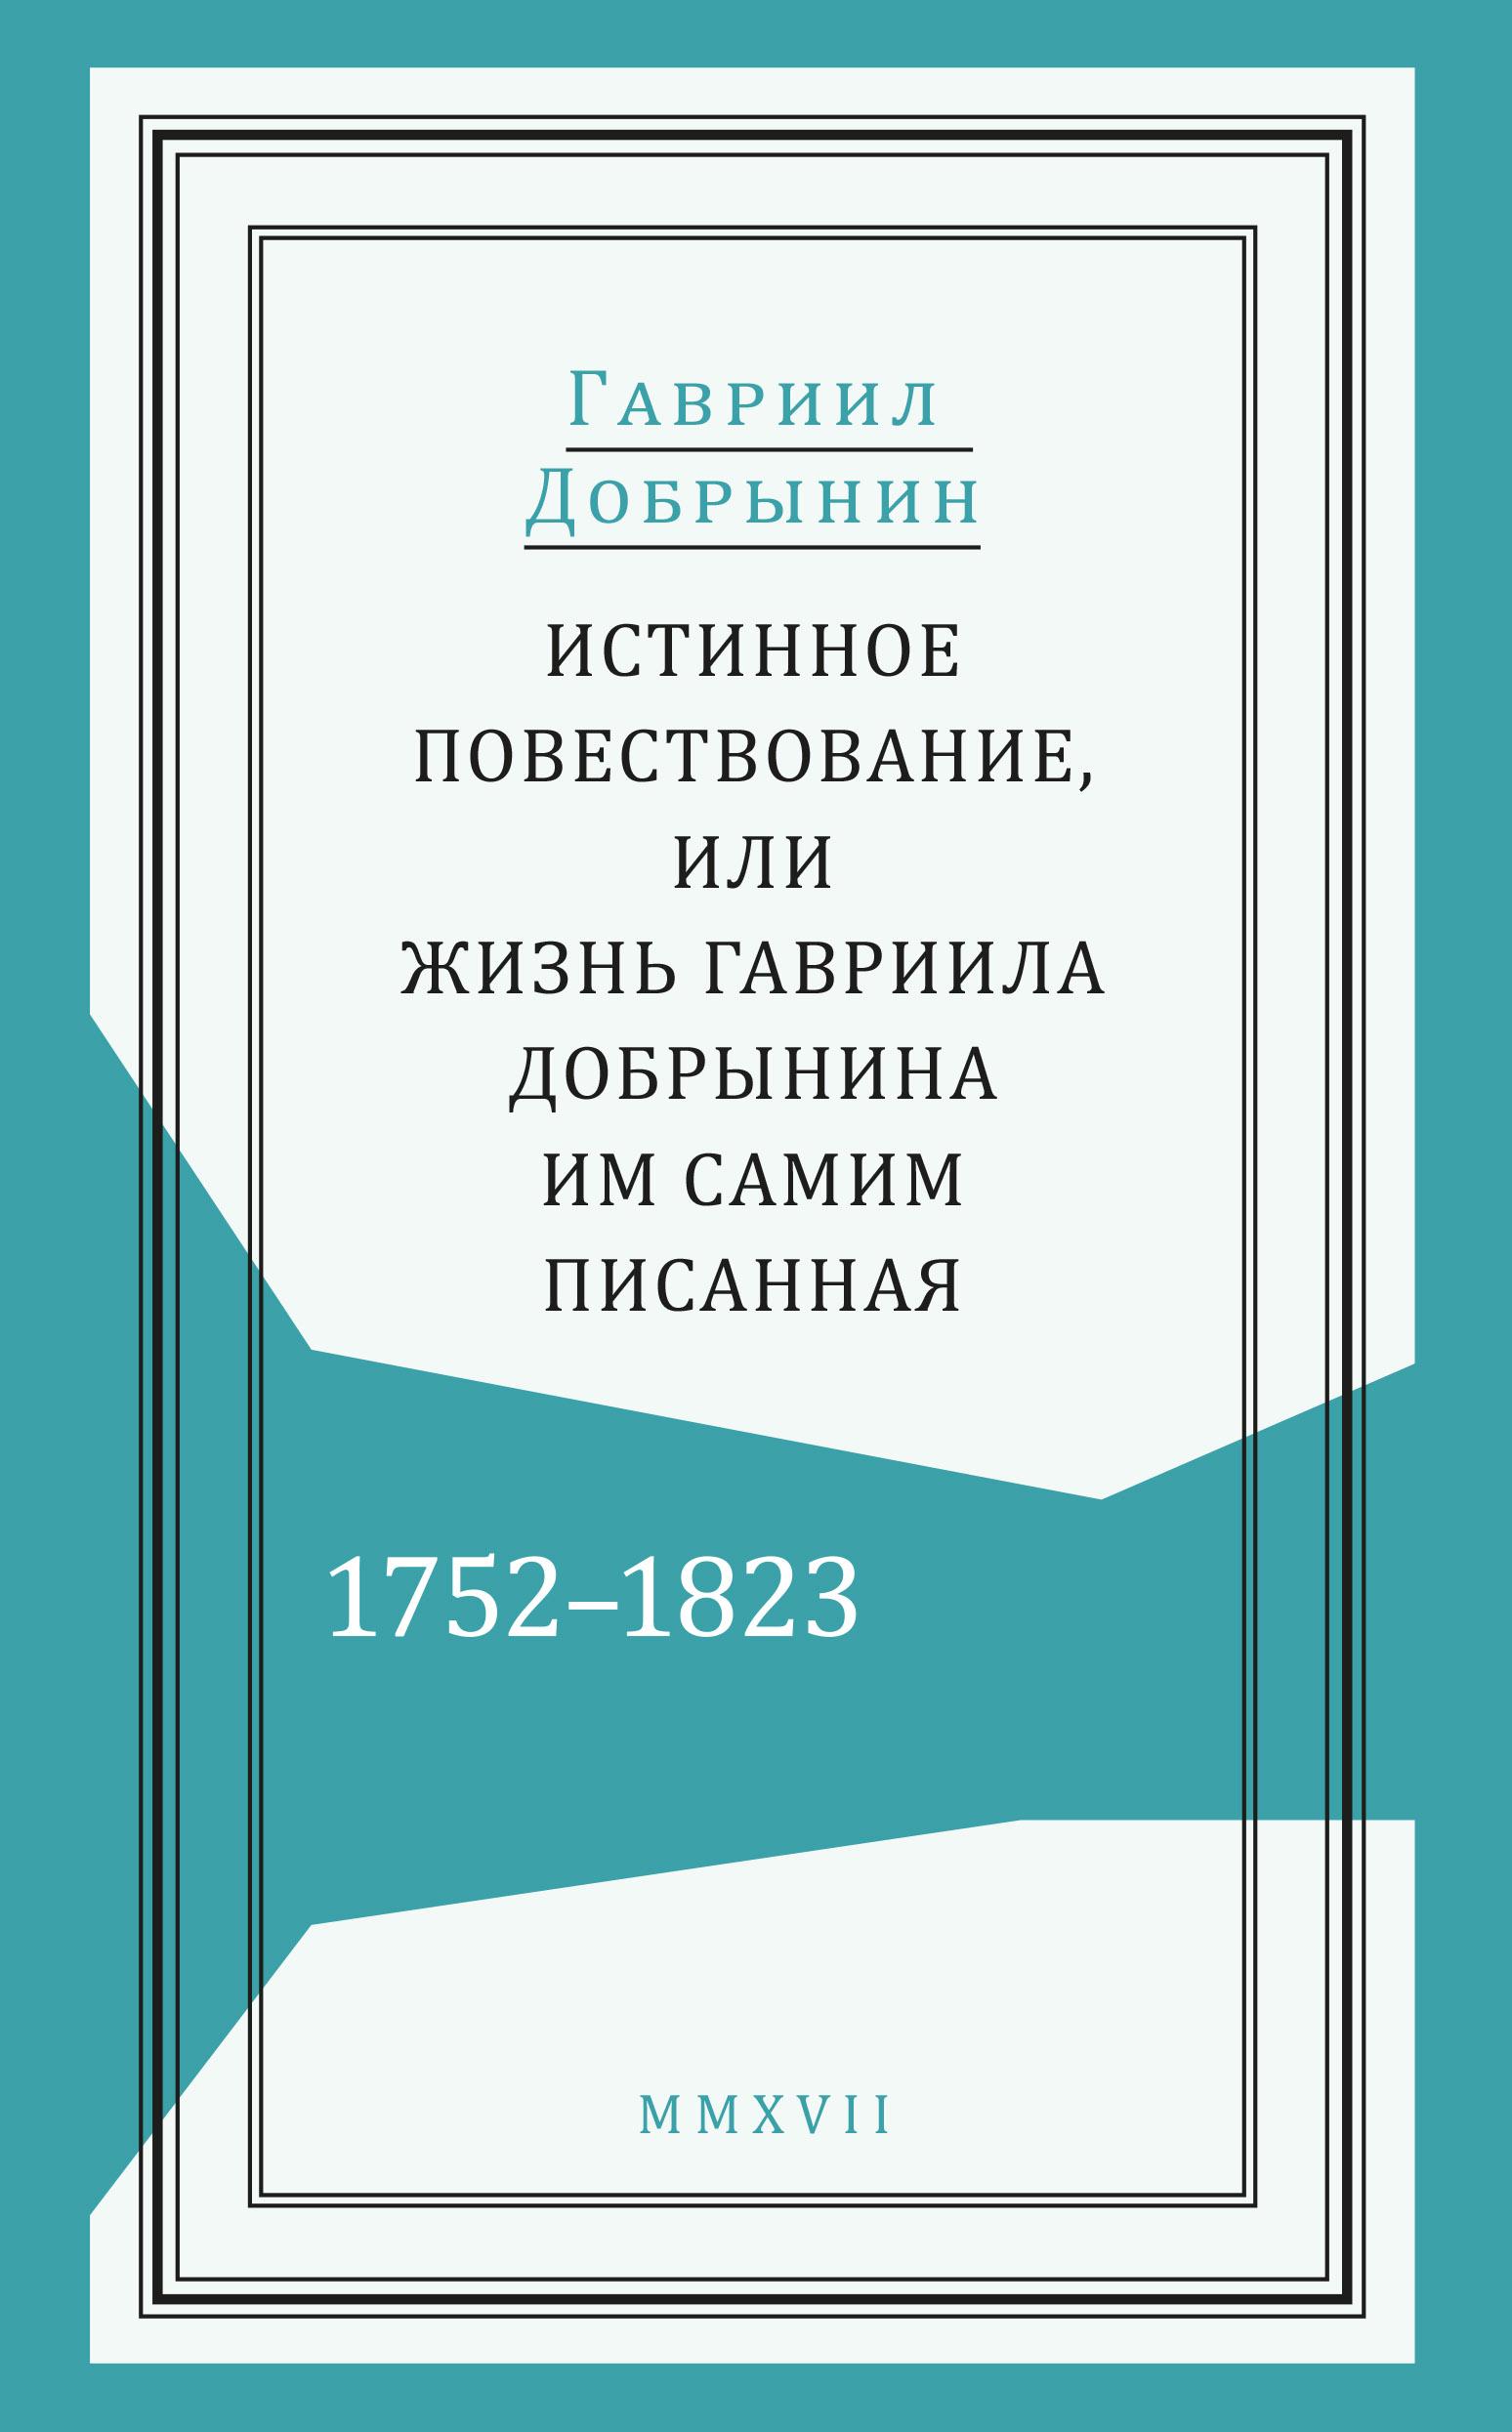 Гавриил Добрынин Истинное повествование, или Жизнь Гавриила Добрынина, им самим писанная. 1752-1823